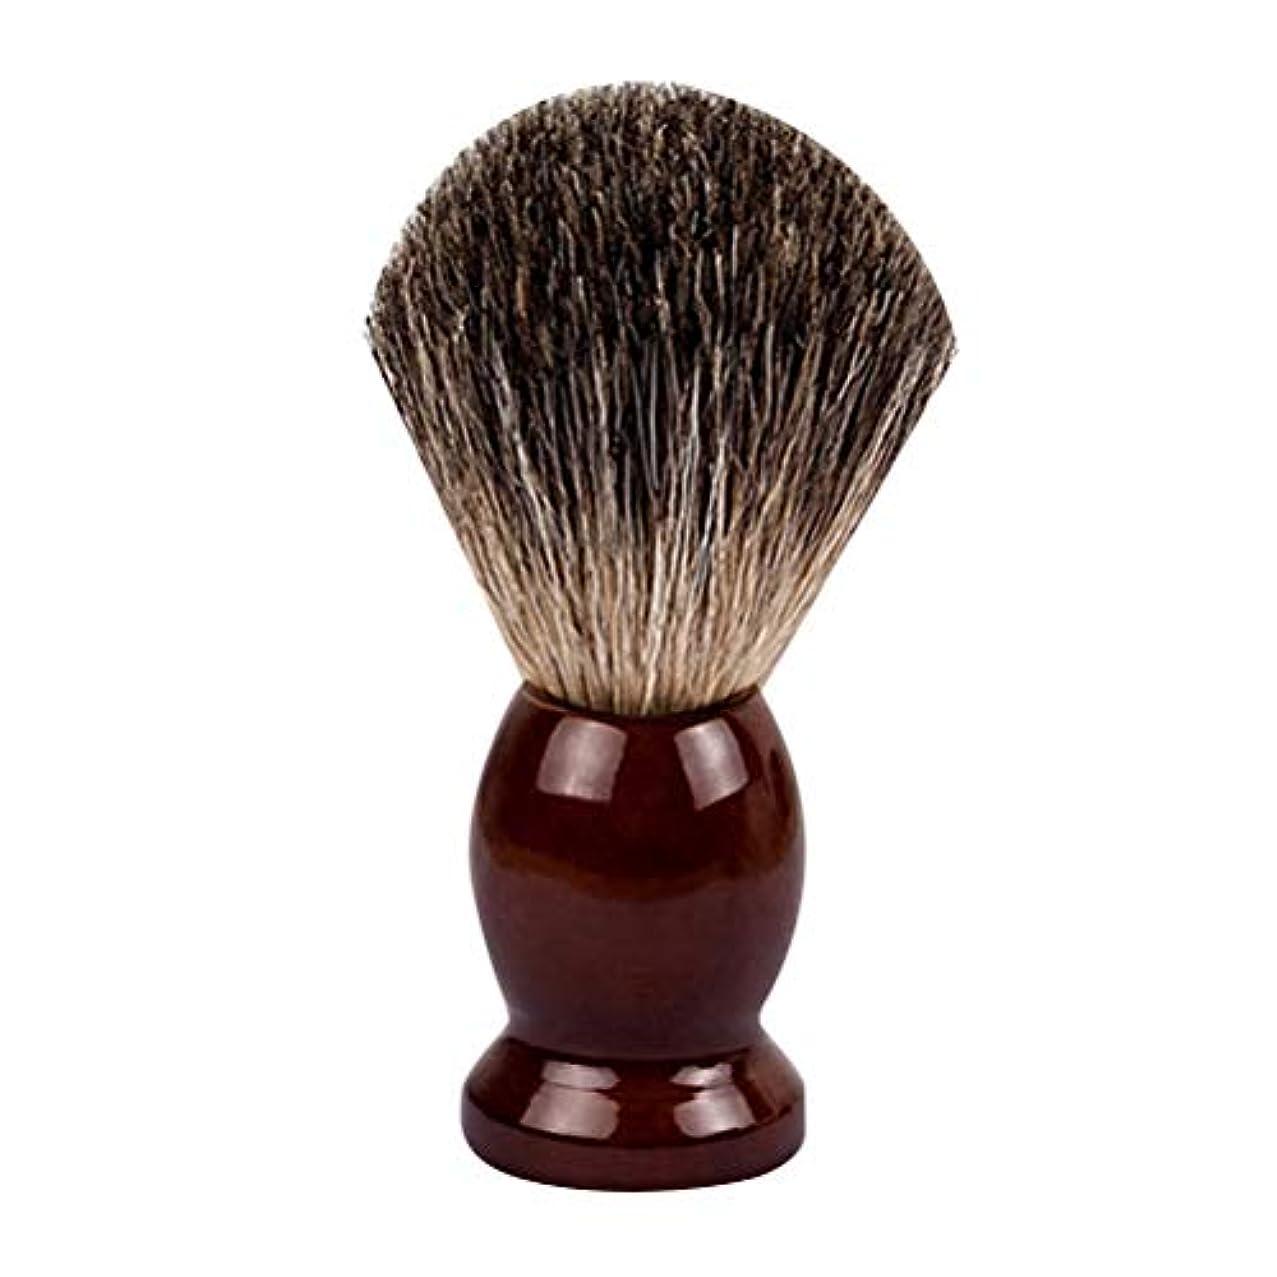 延ばす遠洋のボードLurrose ひげ ブラシ シェービング ブラシ ウッドハンドル ヘア サロンツール 男性用